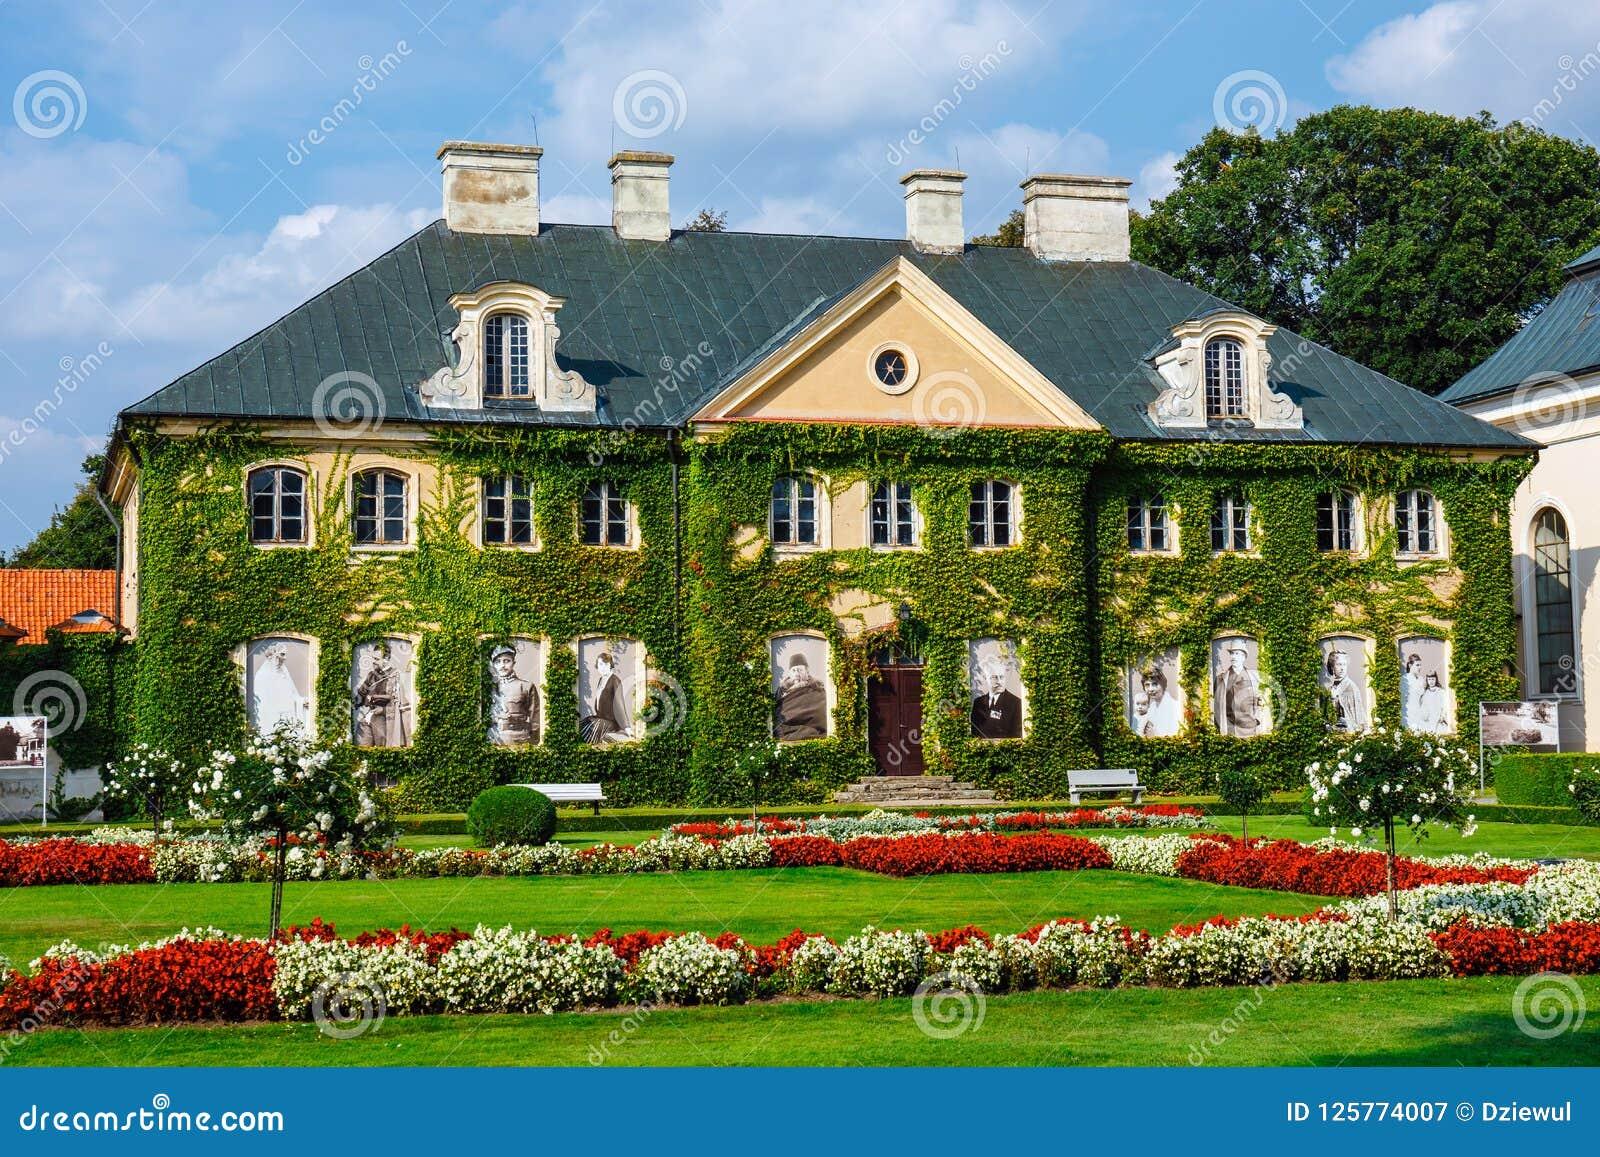 Palais de Zamoyski dans Kozlowka C est un grand complexe rococo et néoclassique de palais situé dans Ko